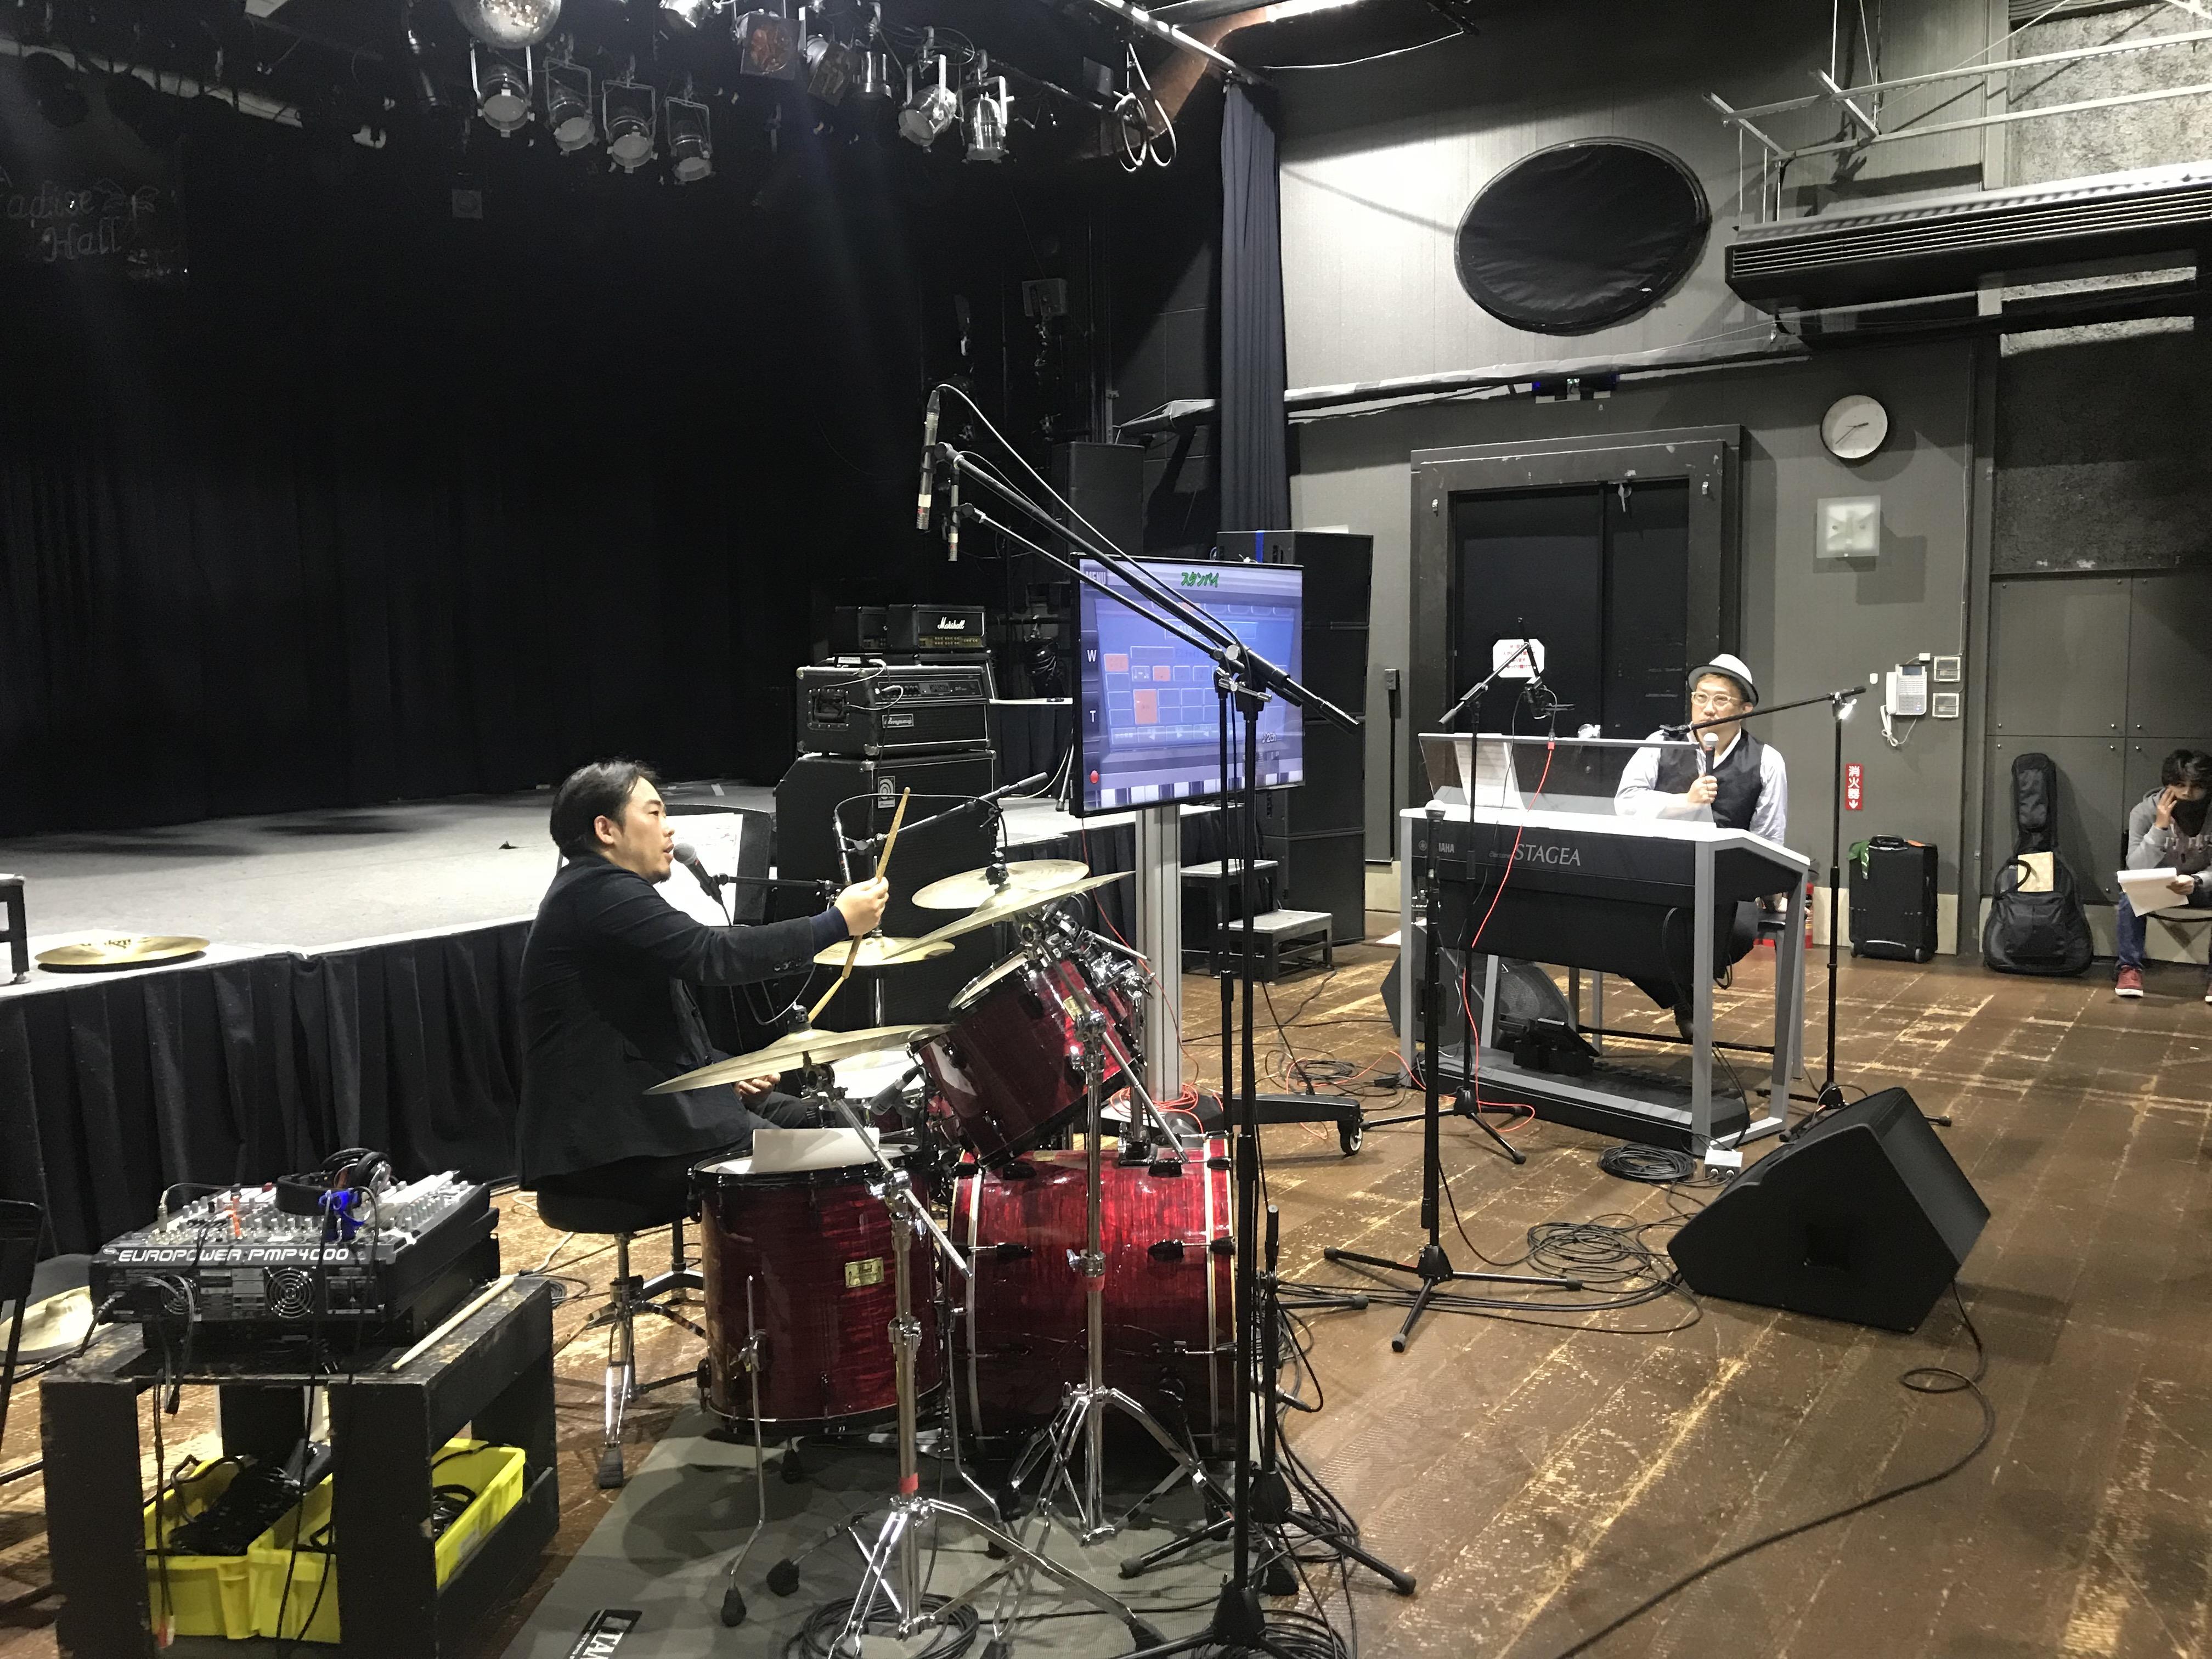 おぎたひろゆき講師がドラムに関する質問を投げかけ、オータケハヤト講師がドラマー目線での演奏表現を実演。スティックの持ち方ひとつで音が変わる様子をレクチャー。